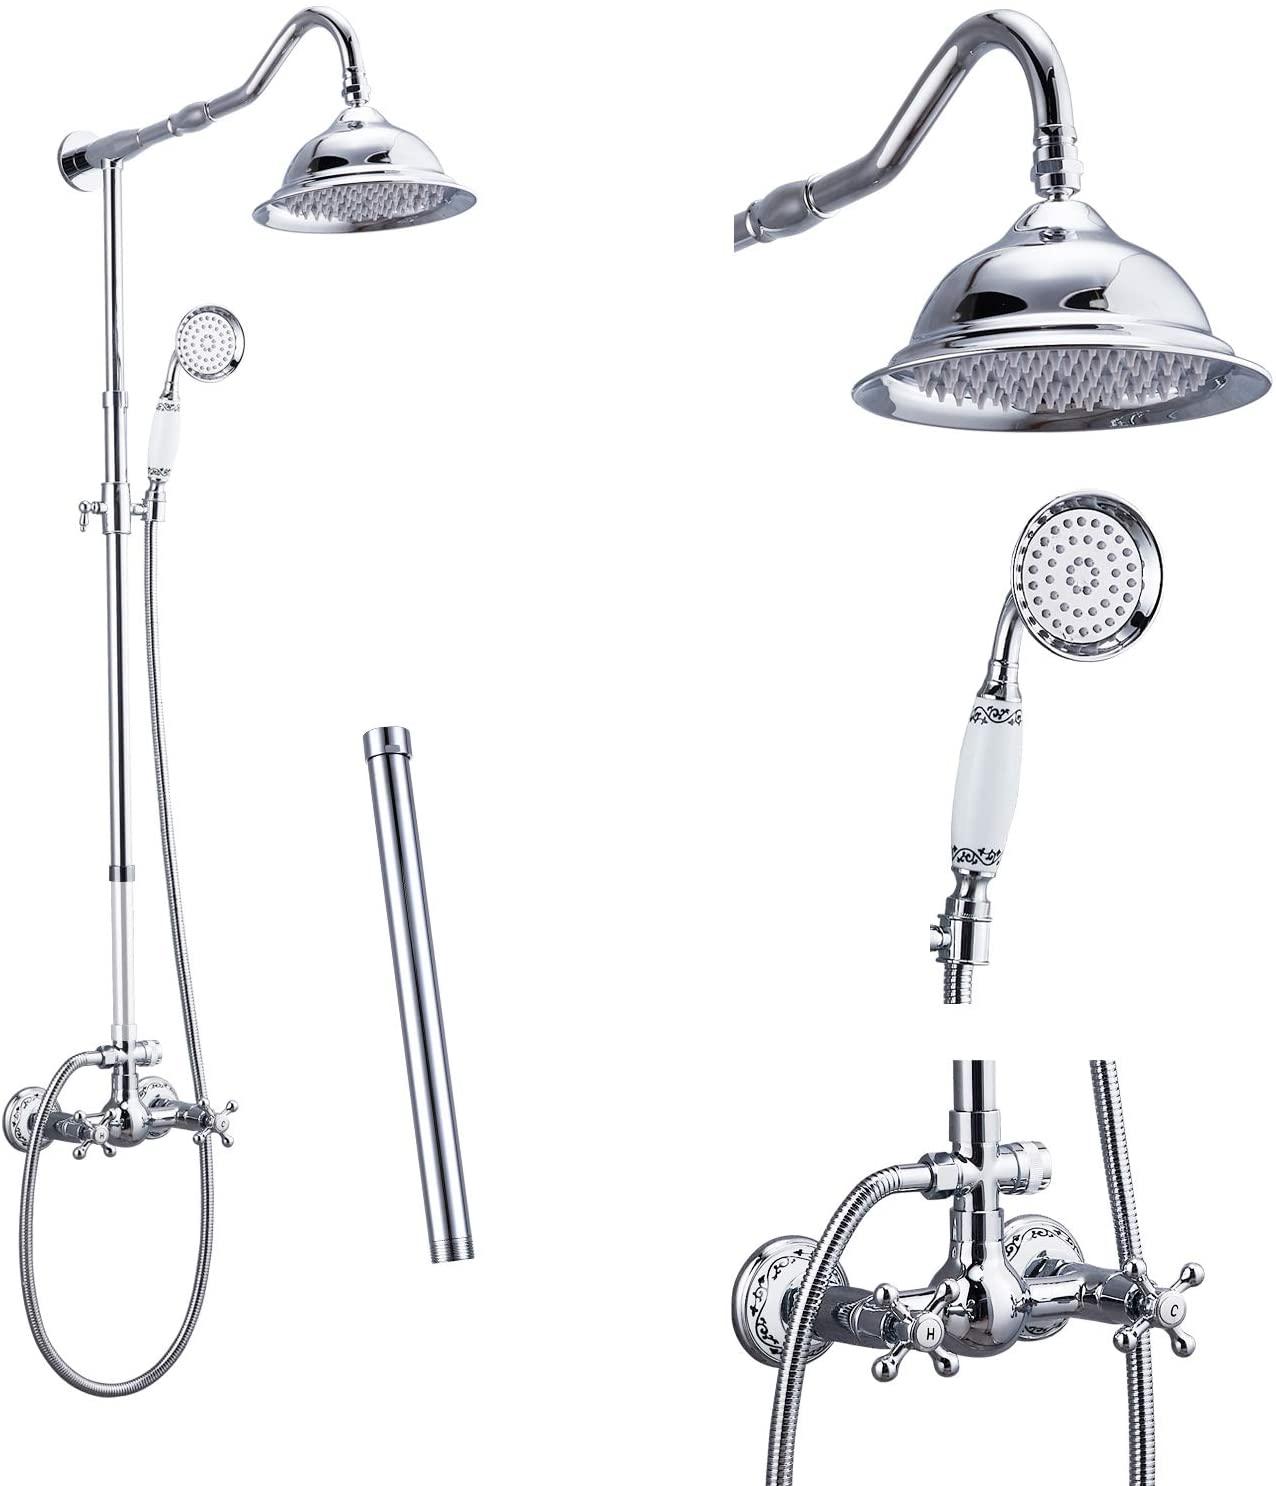 Polish Chrome Shower System Fixture Set Complete 8 Rain Shower 2 Double Knobs Handle Dual Function Shower Faucet Combo Unit Set 12 Inch Extension